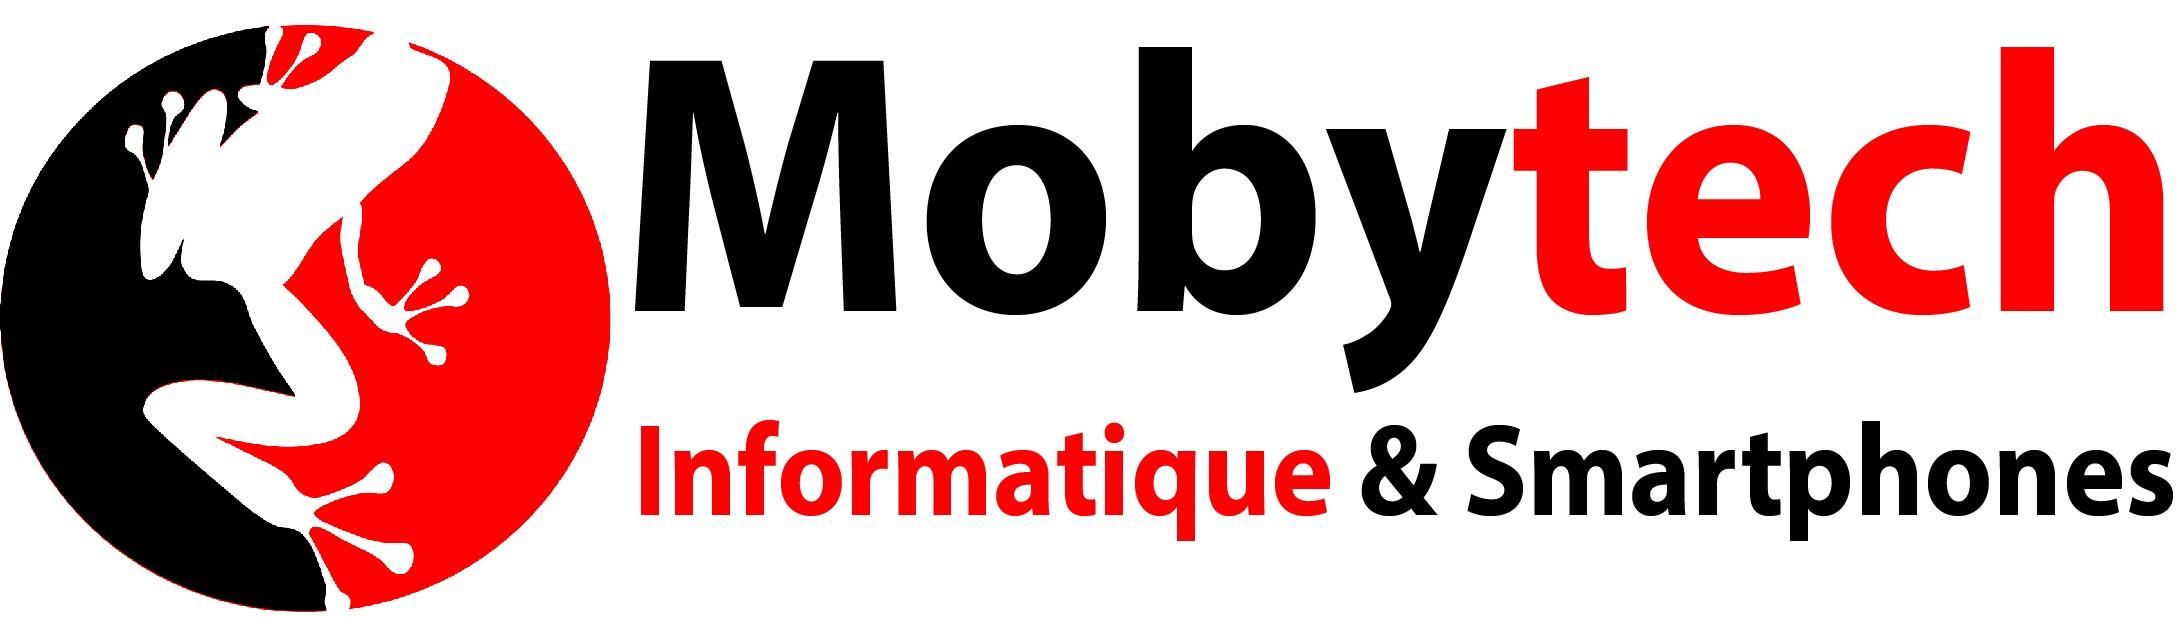 Mobytech